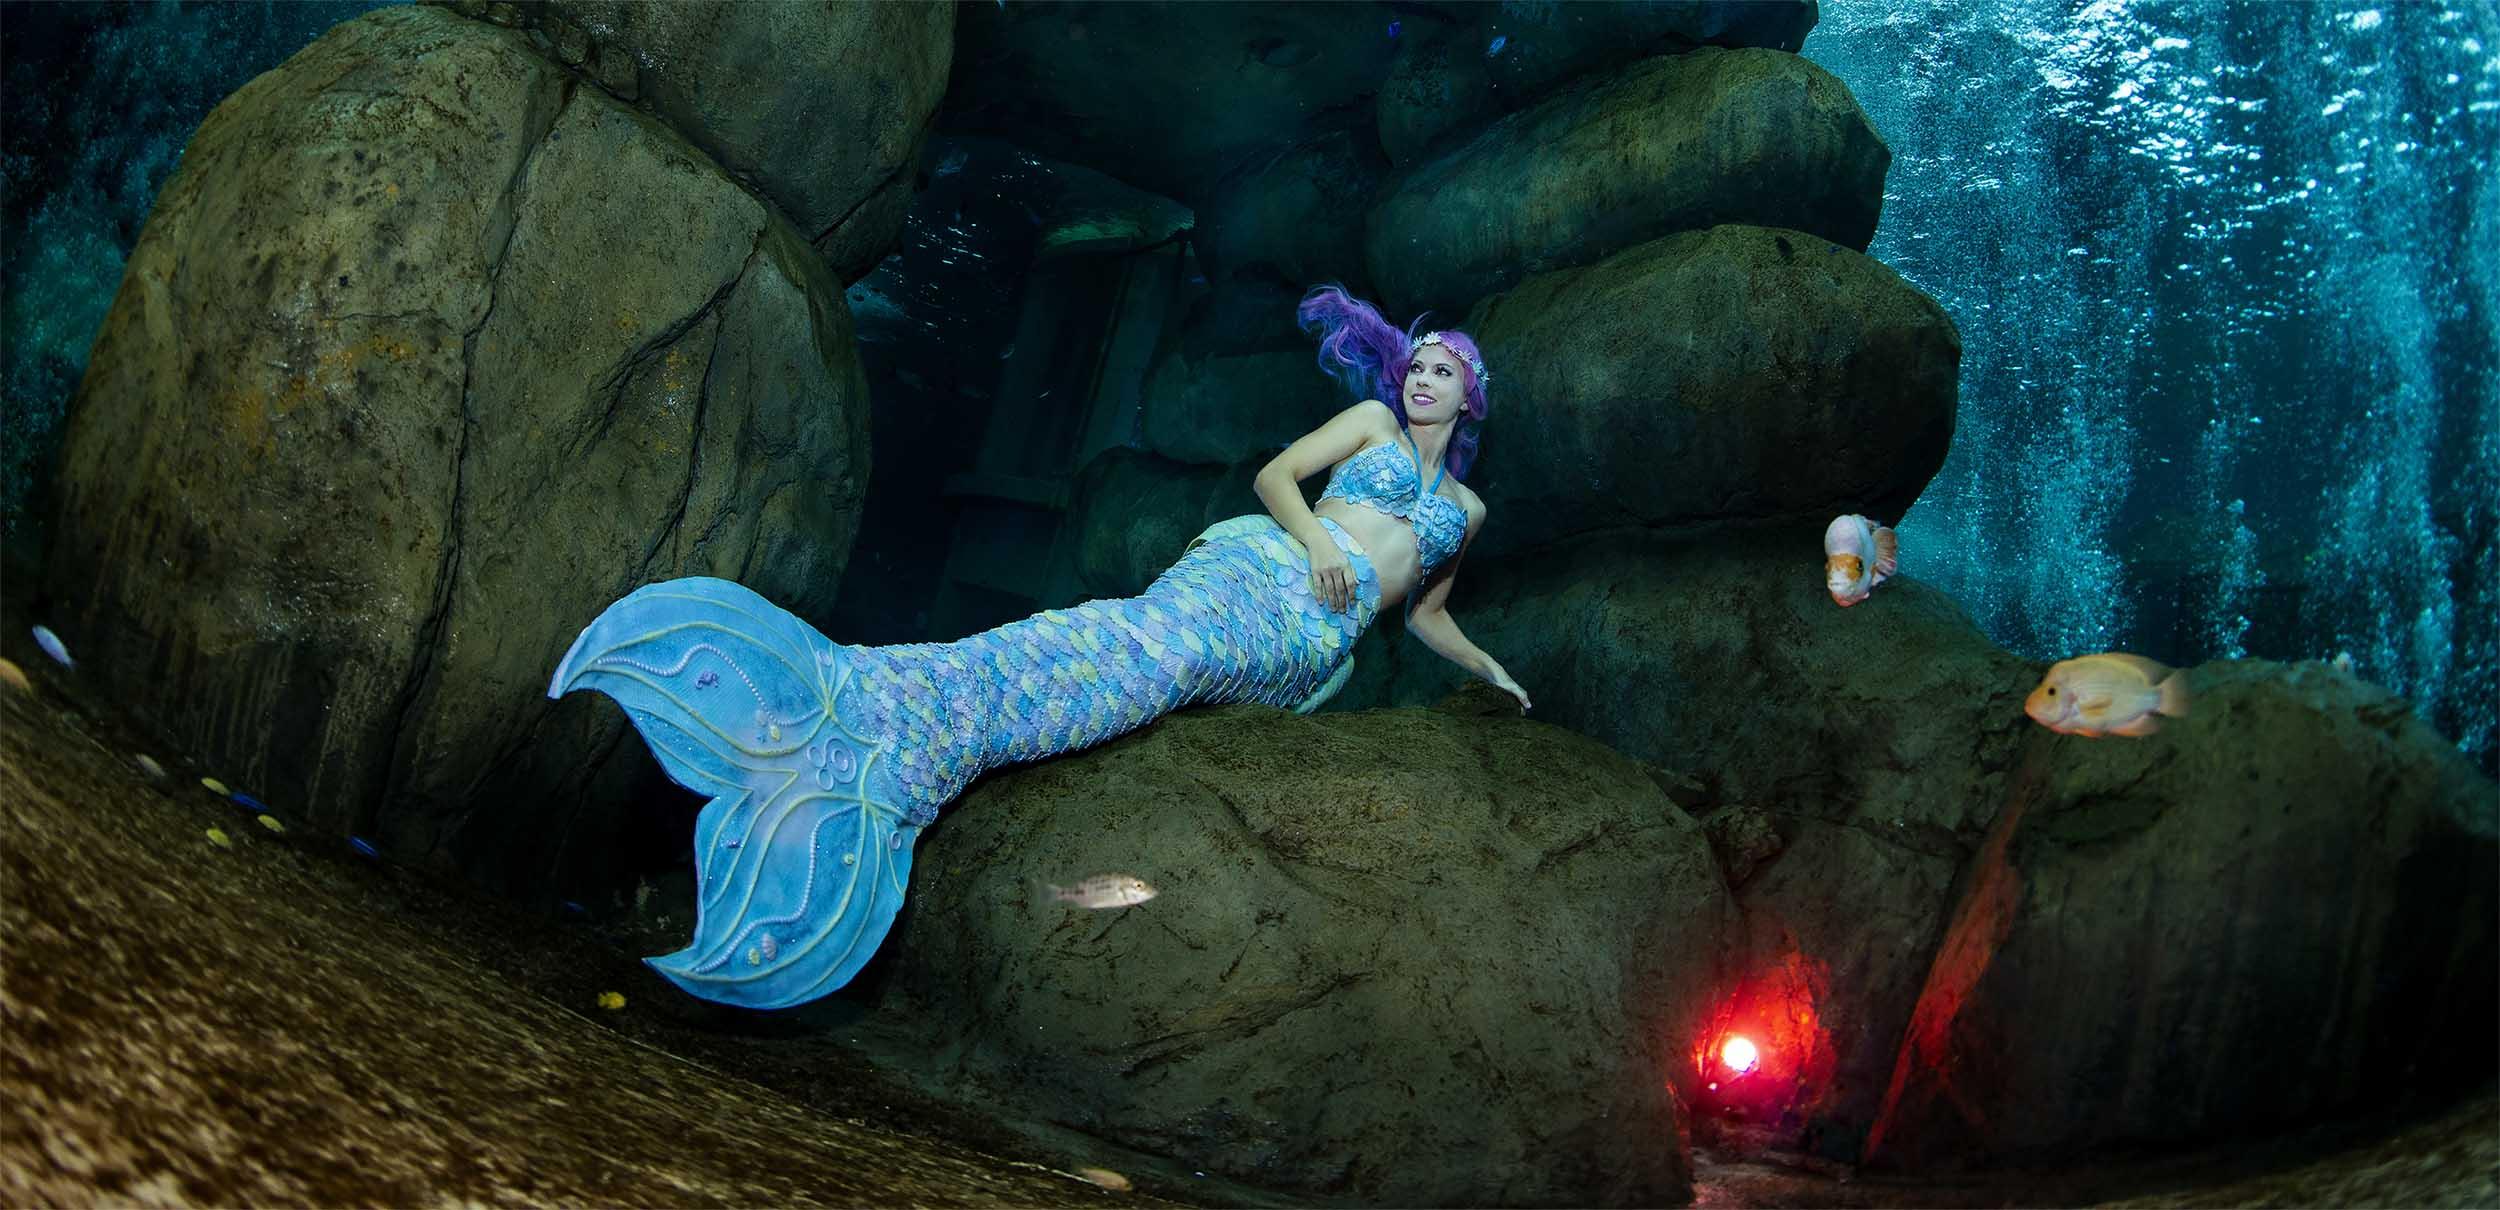 Mermaid Kat arbeitet als professionalle Meerjungfrau und Unterwassermodel